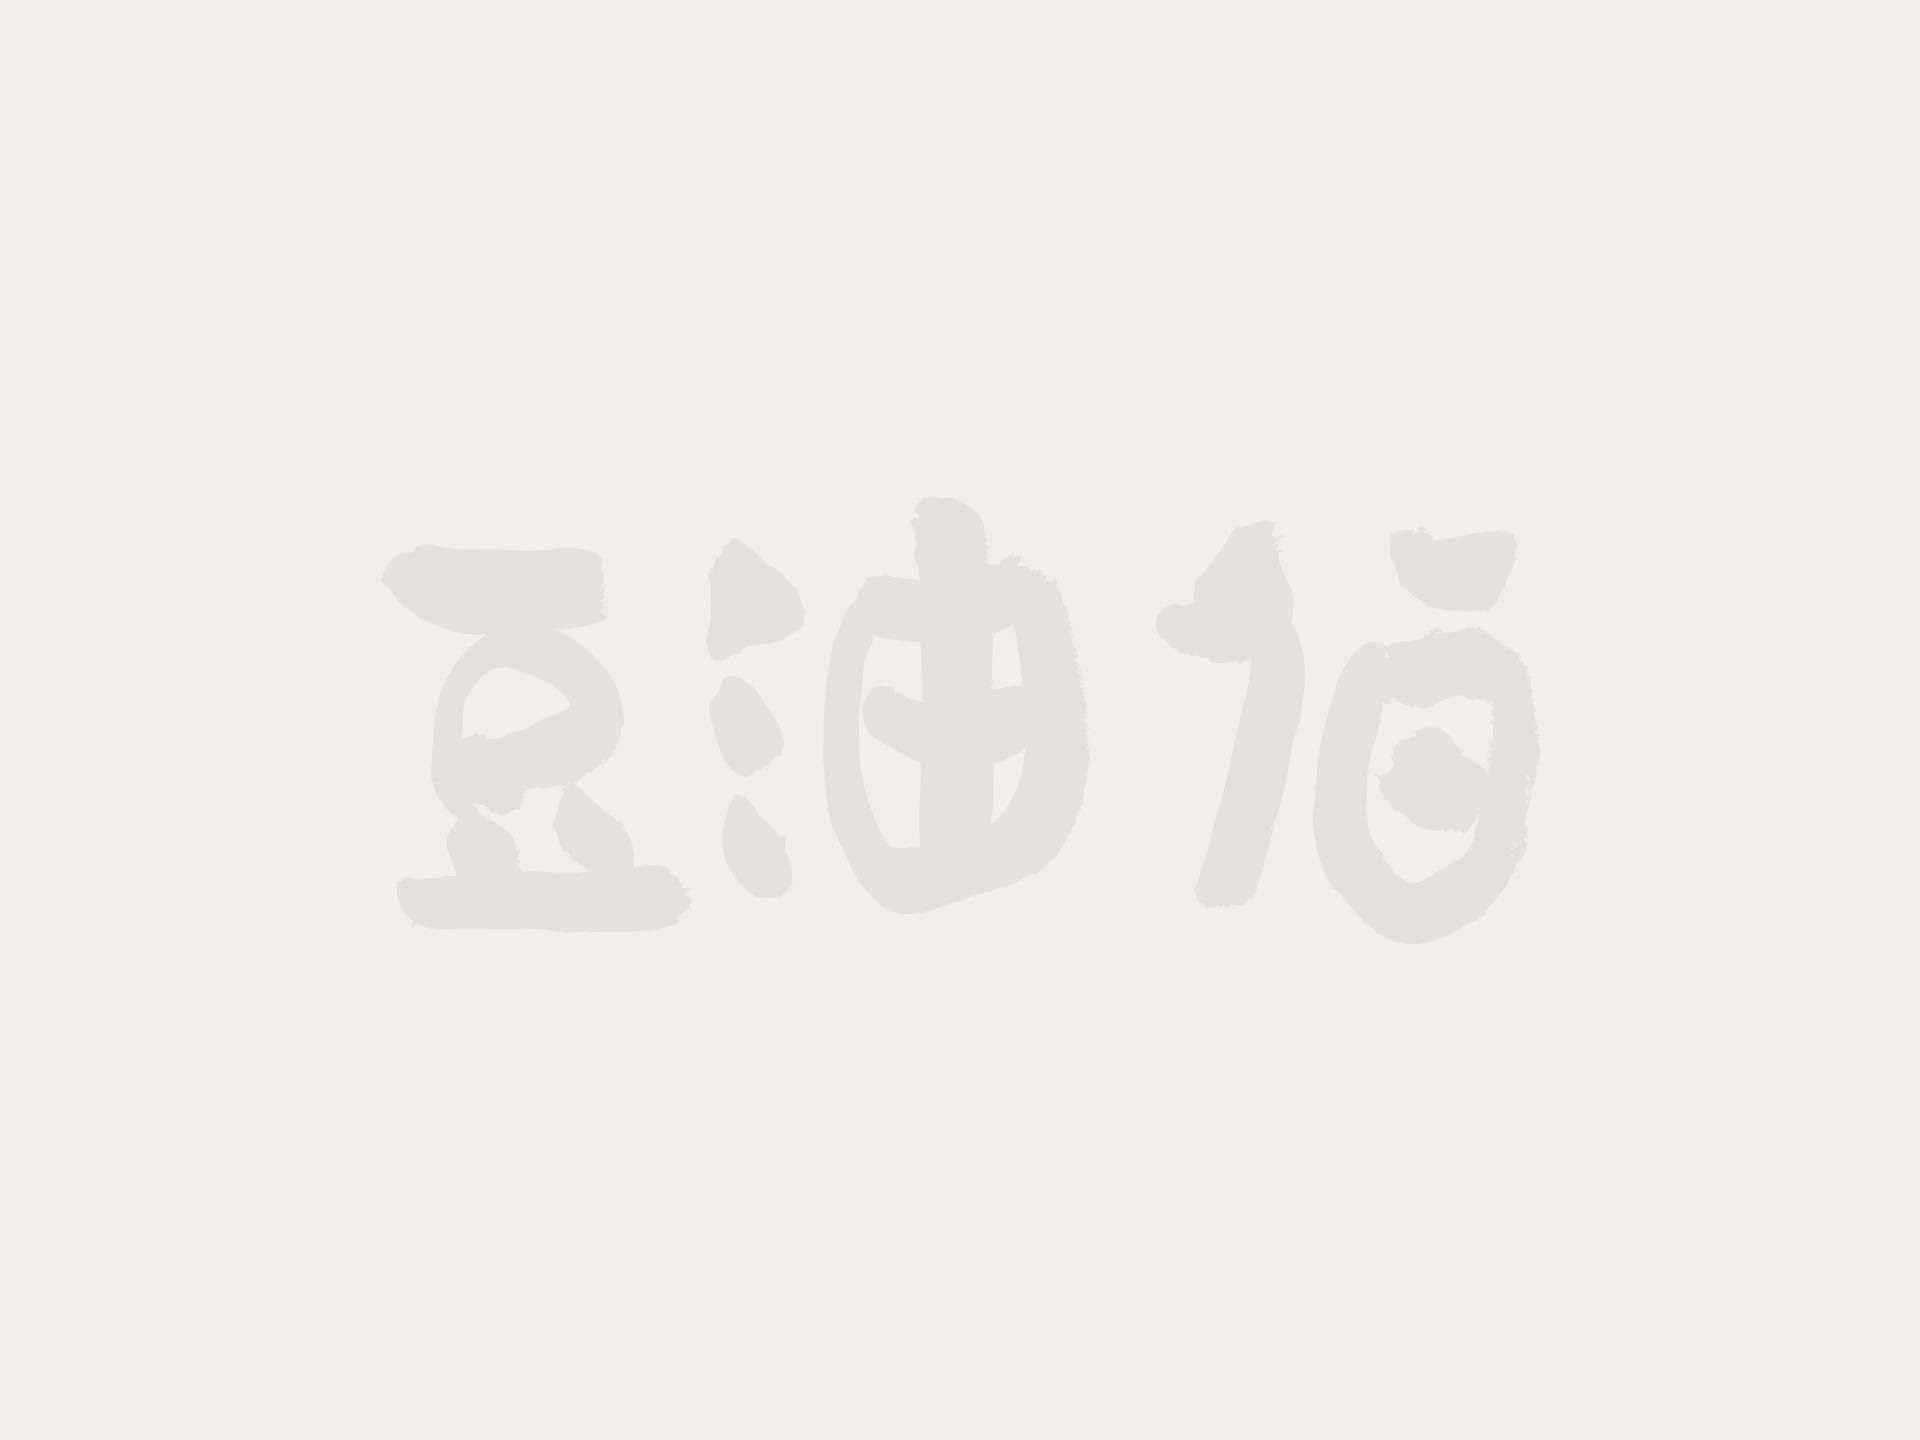 【71折】巴狄尼絲橄欖油+山茶蜂蜜+金美好醬油+金美滿醬油(配復古花袋)